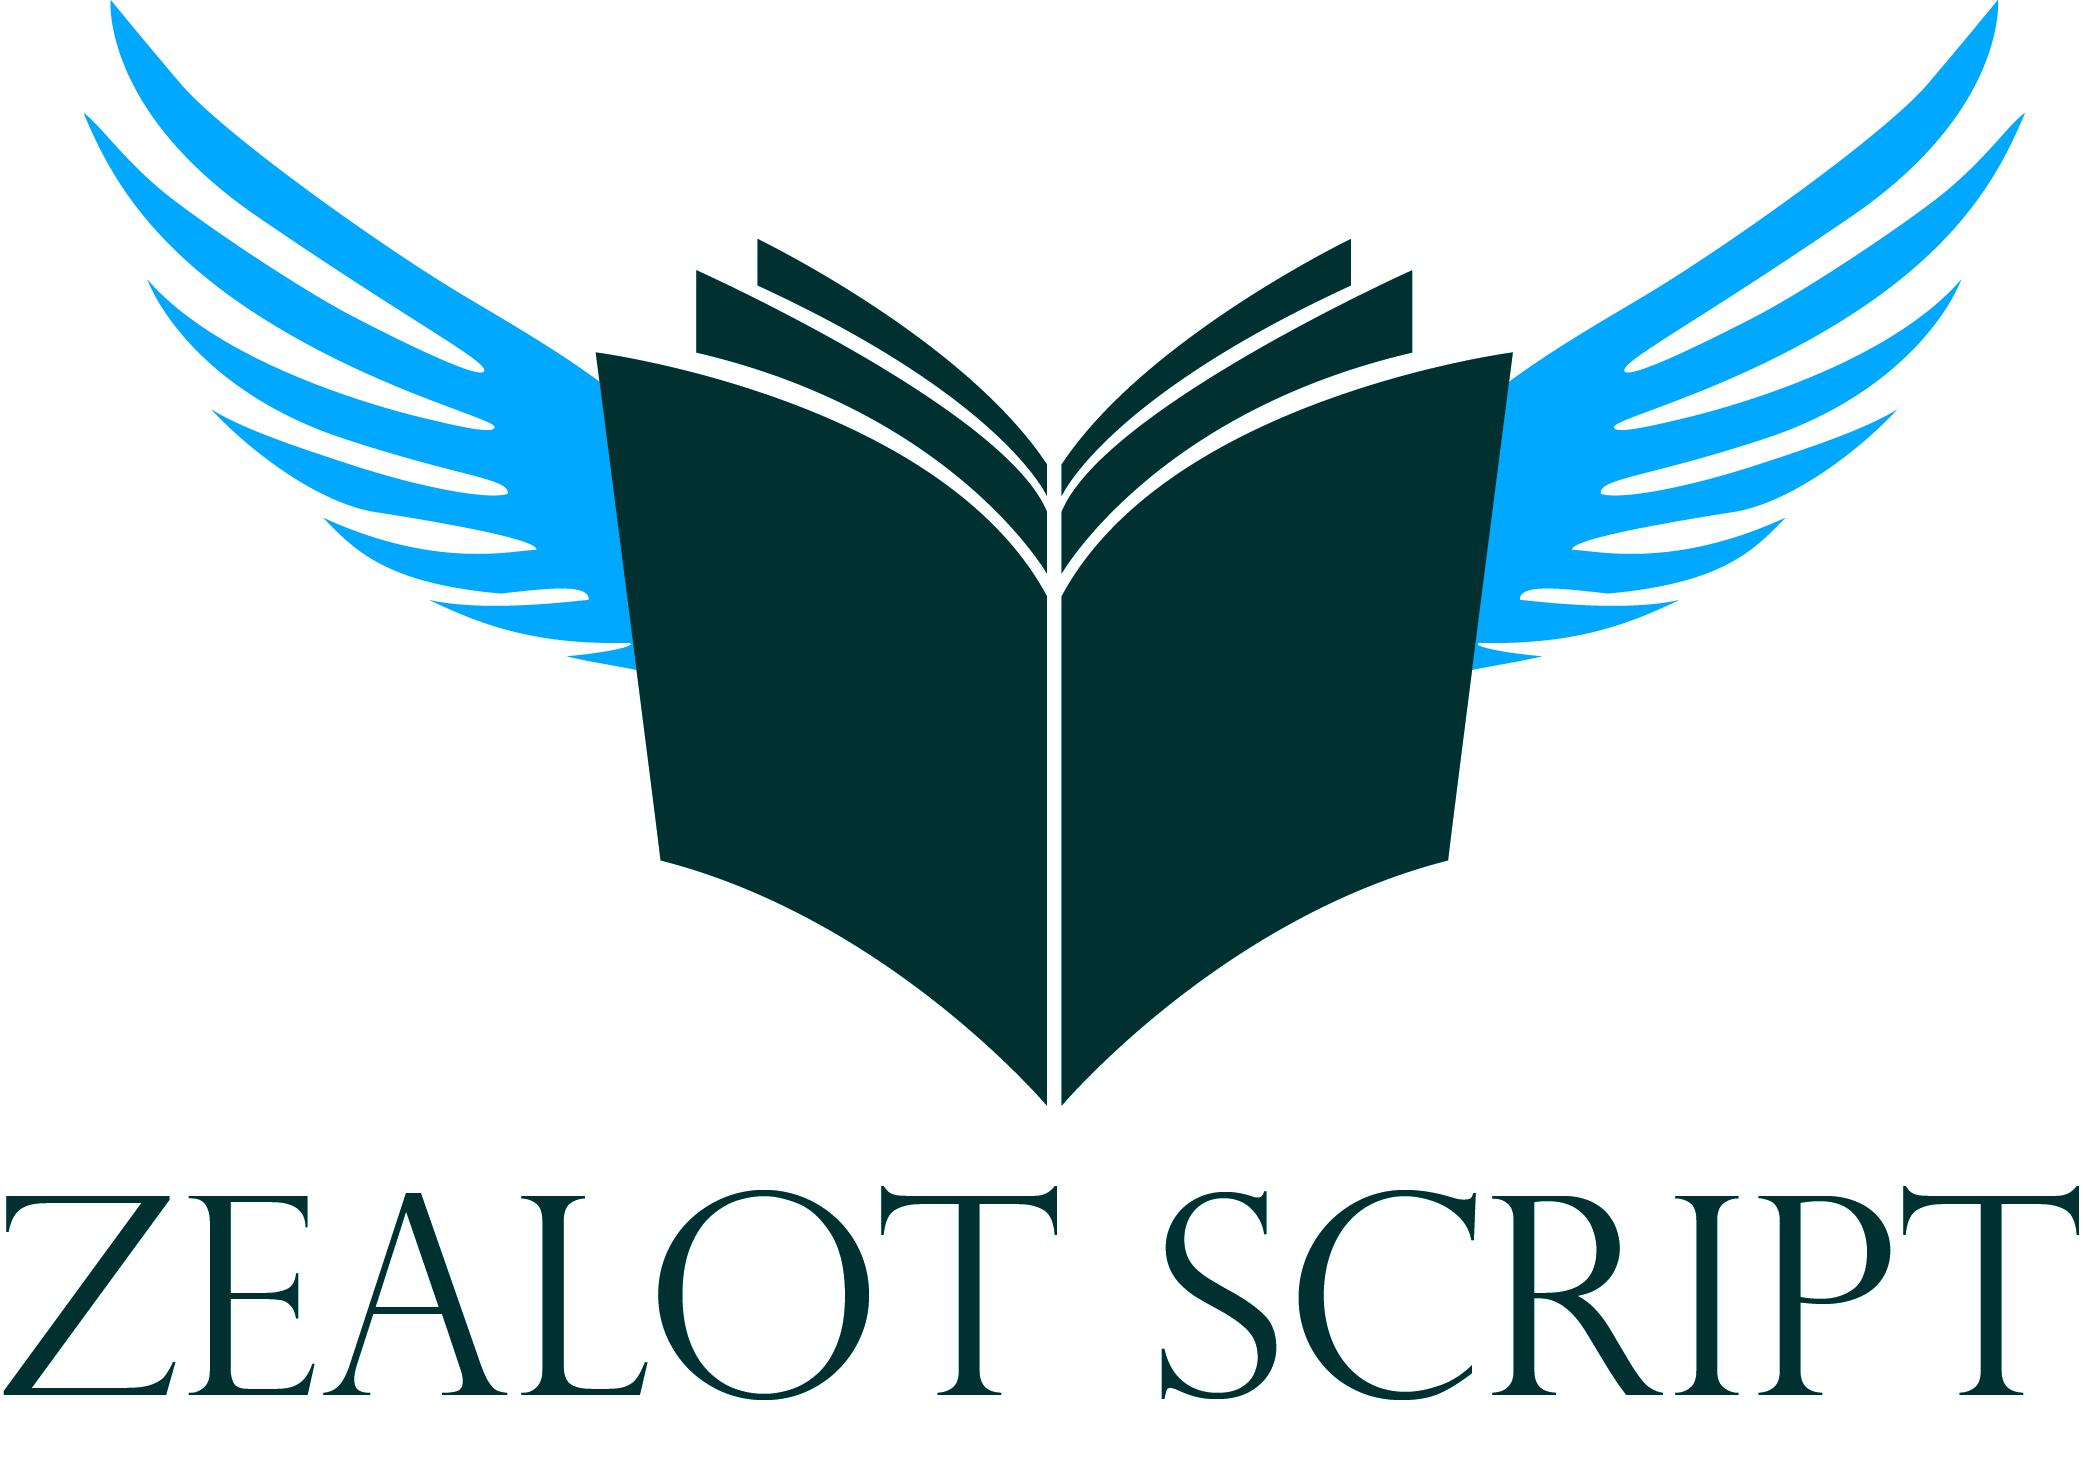 Zealot Script